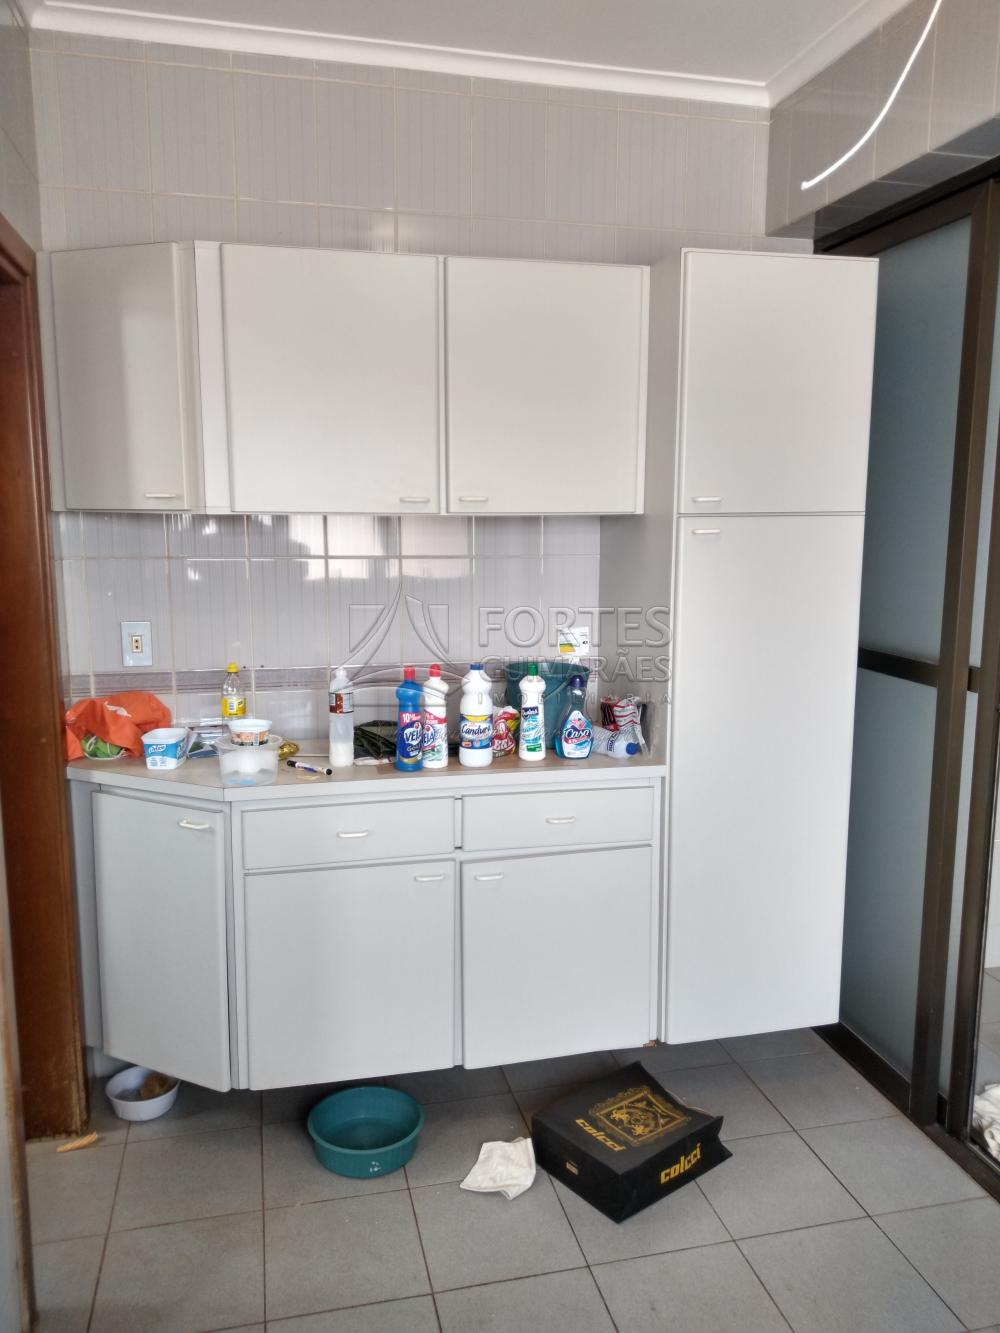 Alugar Apartamentos / Padrão em Ribeirão Preto apenas R$ 1.700,00 - Foto 53